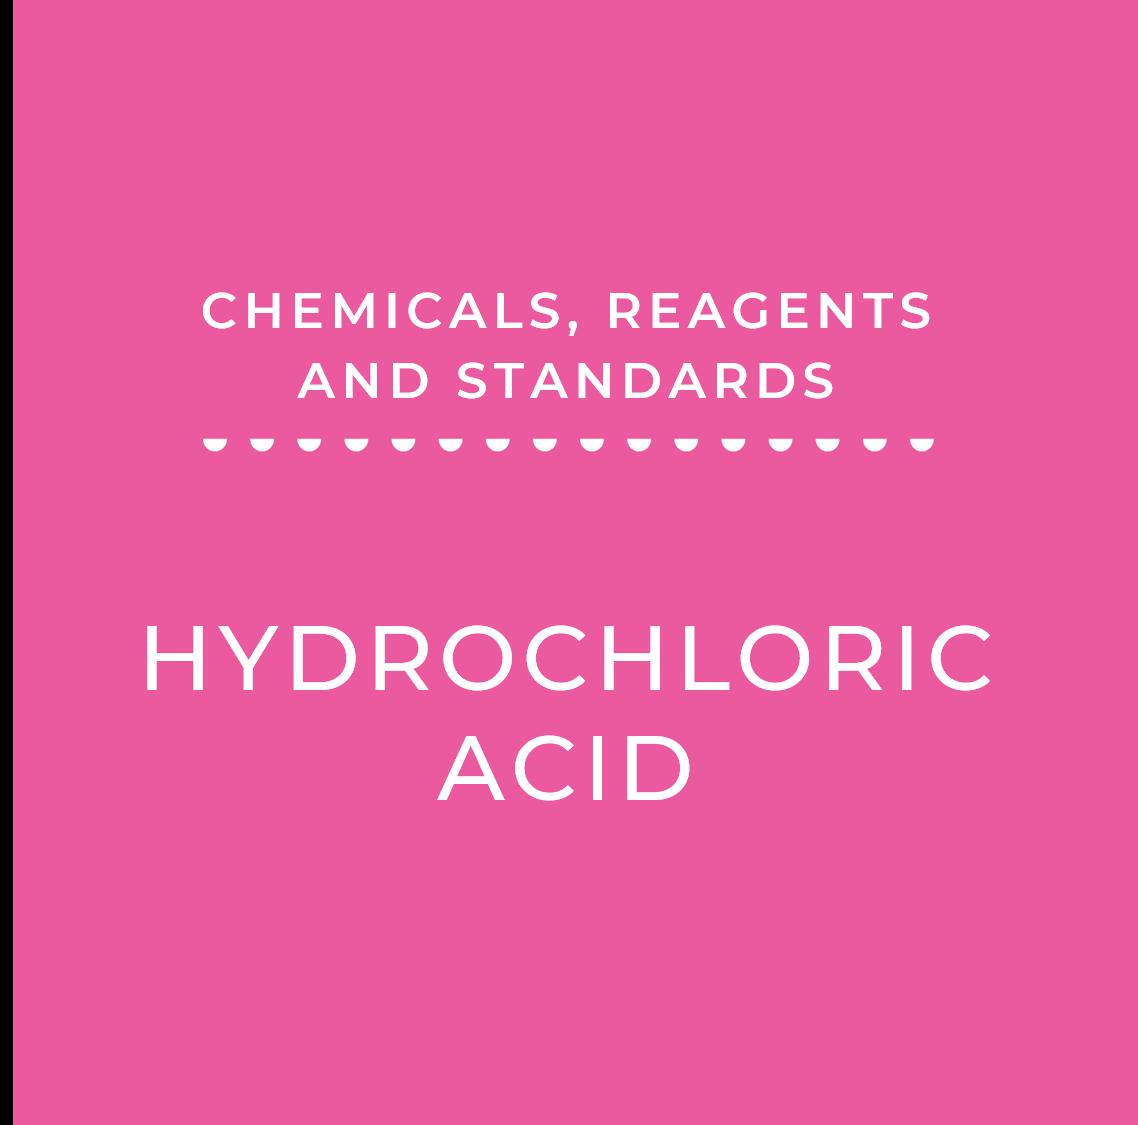 0.01N Hydrochloric Acid